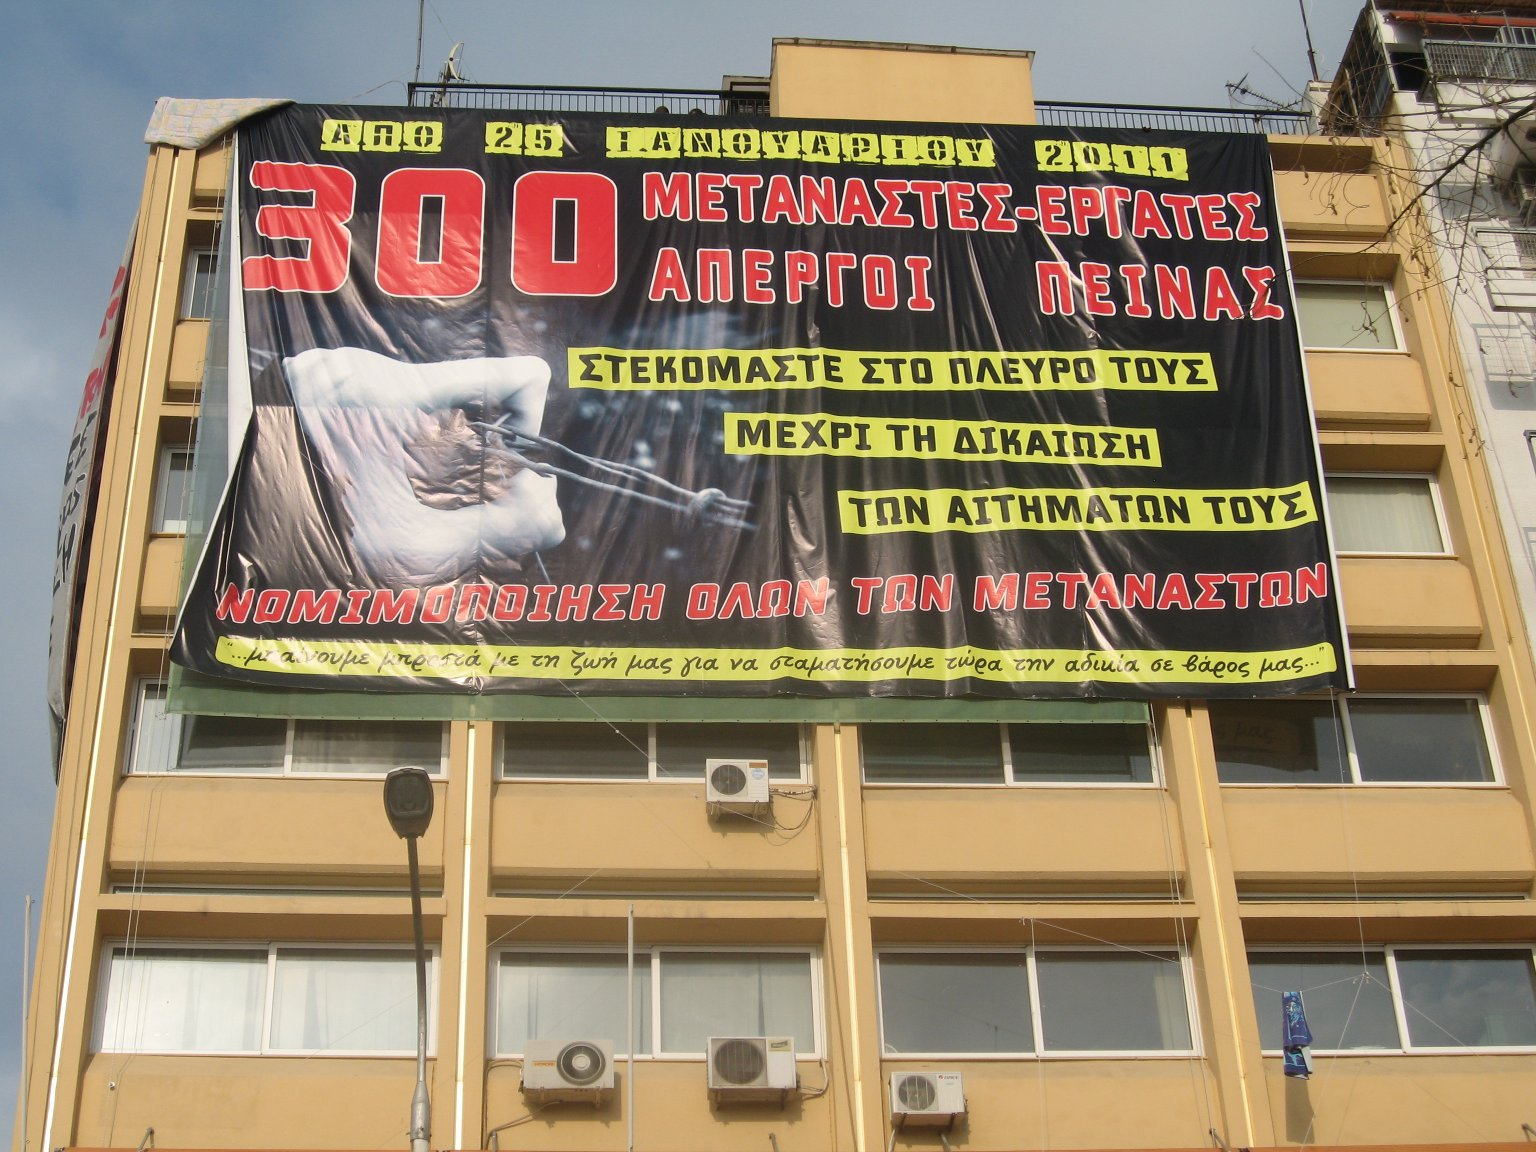 """Transparent am Arbeiterzentrum in Thessaloniki: """"300 Migranten - Arbeiter - Hungerstreikende. Wir stehen an ihrer Seite, bis zur Erfüllung ihrer Forderungen"""" (Foto: Bettina Krummeck)"""